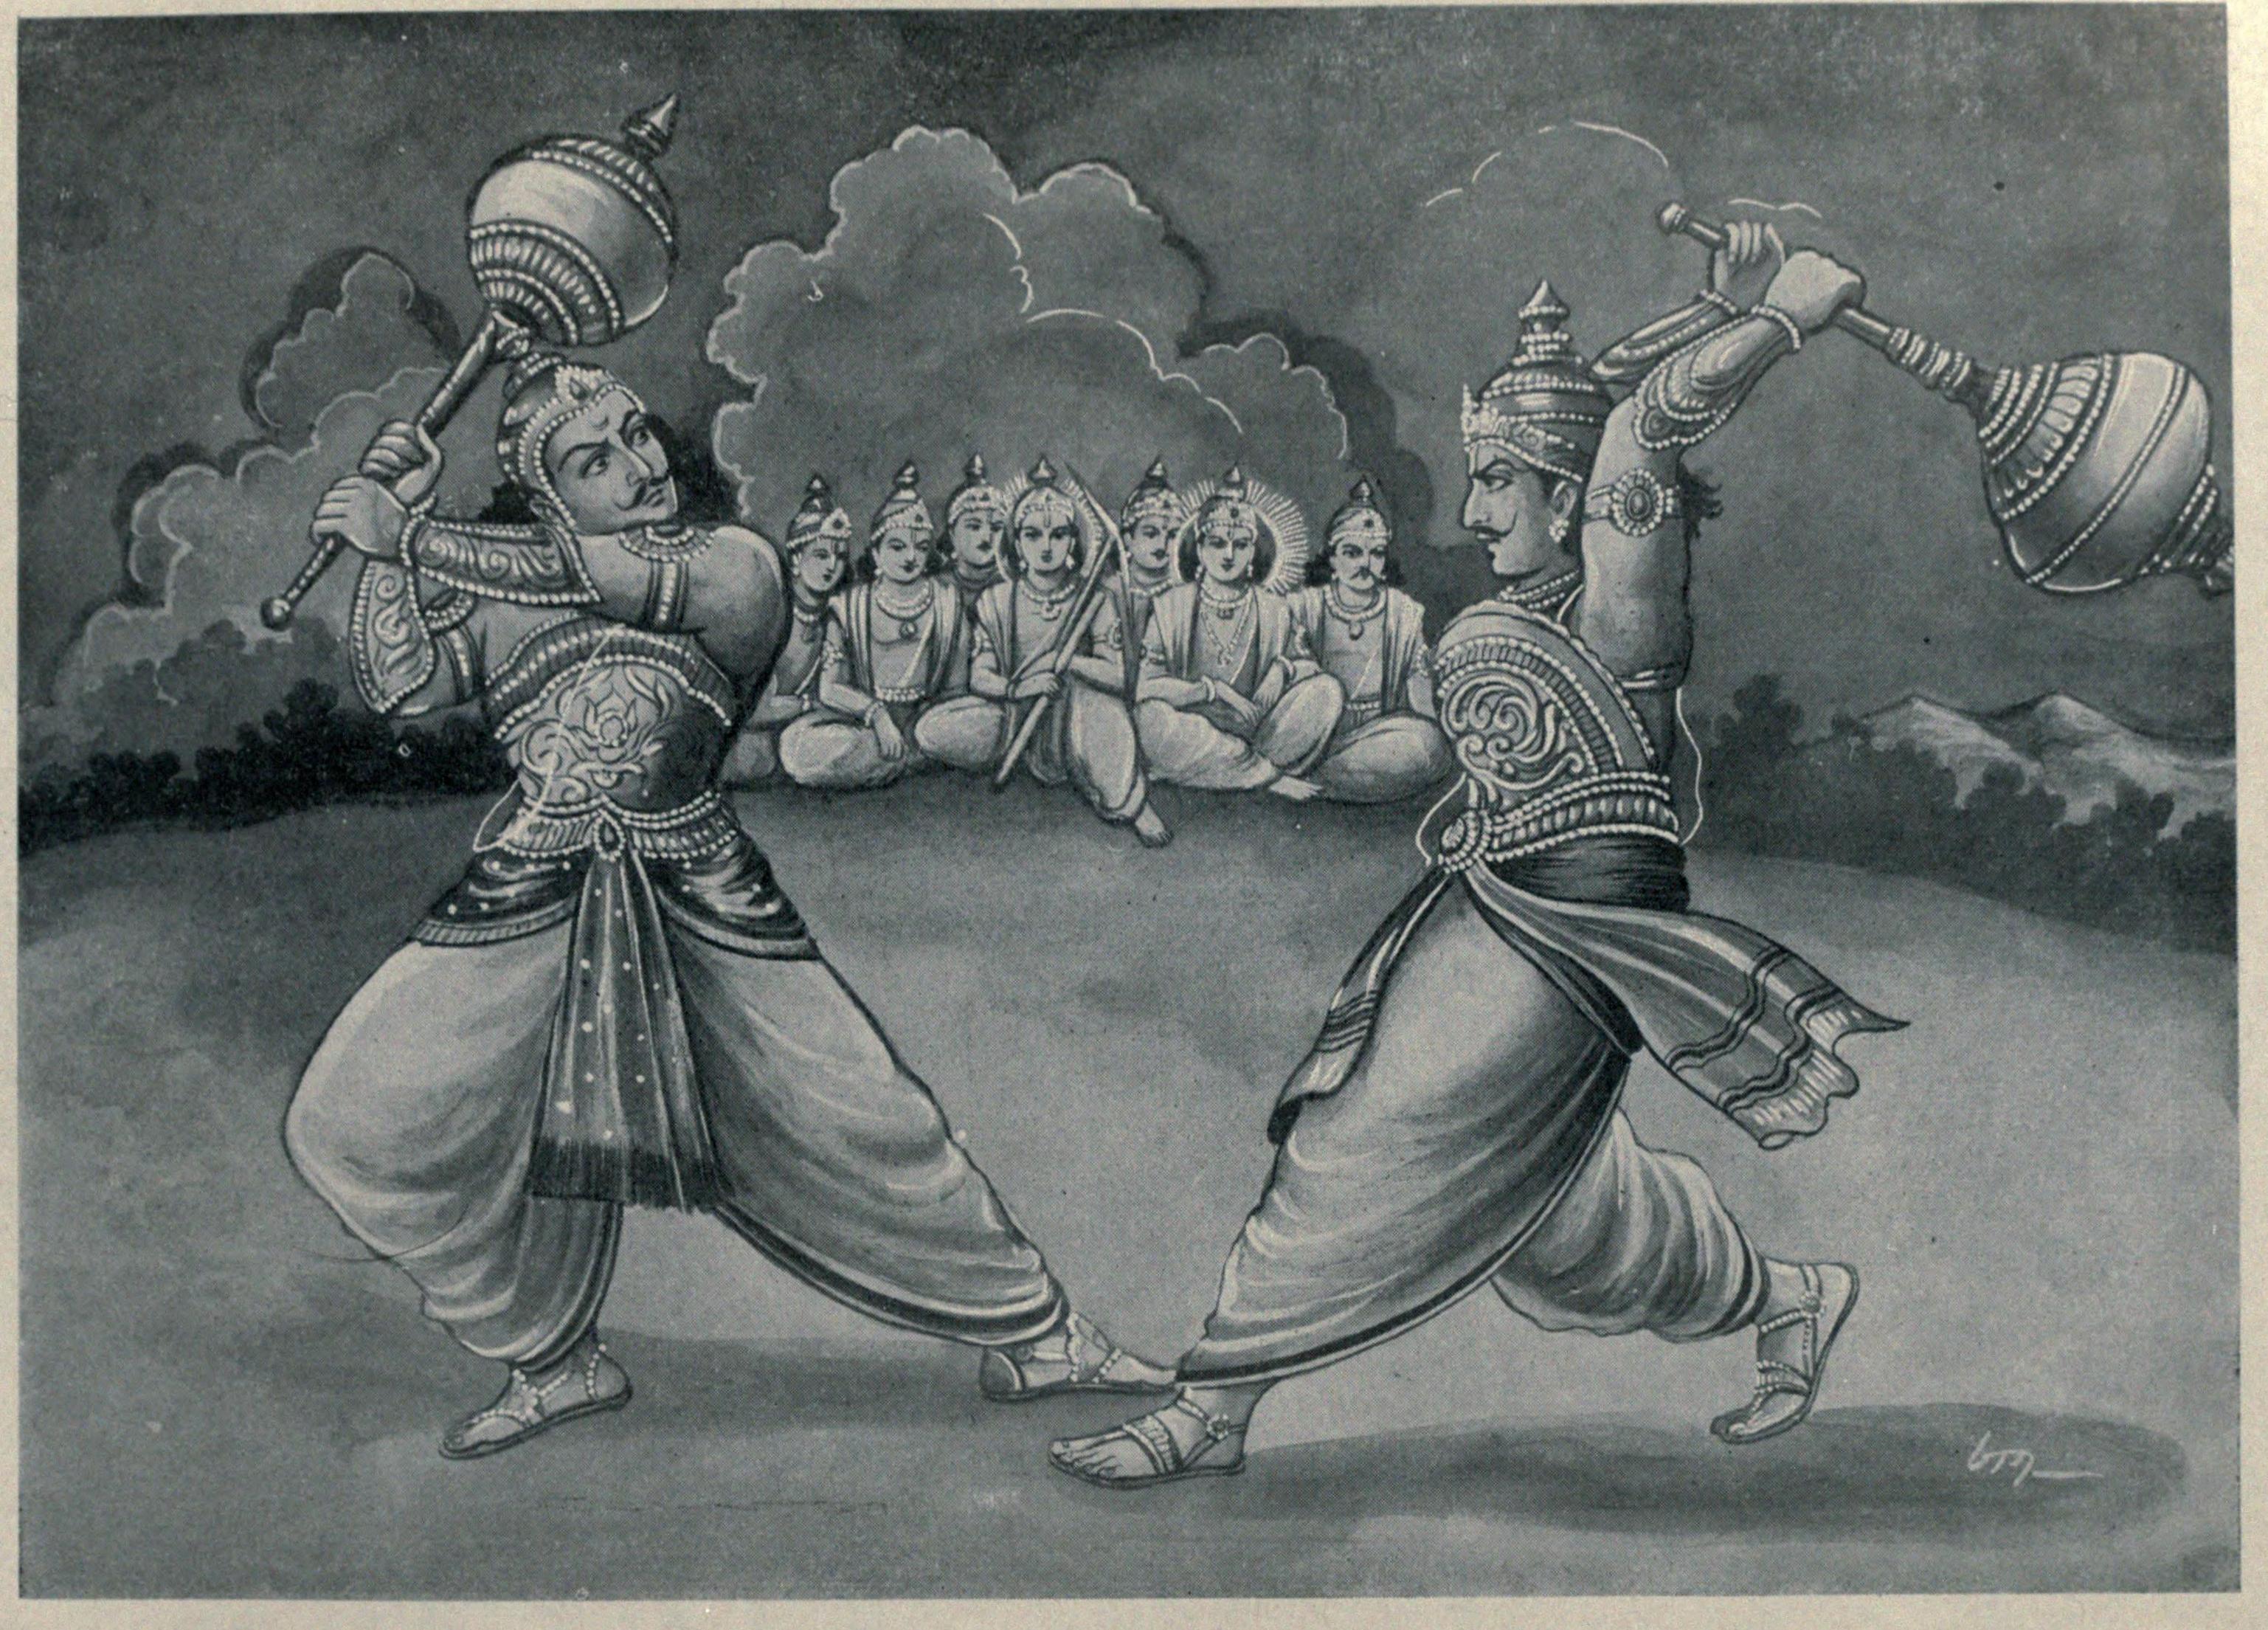 duryodhana and bhima duel